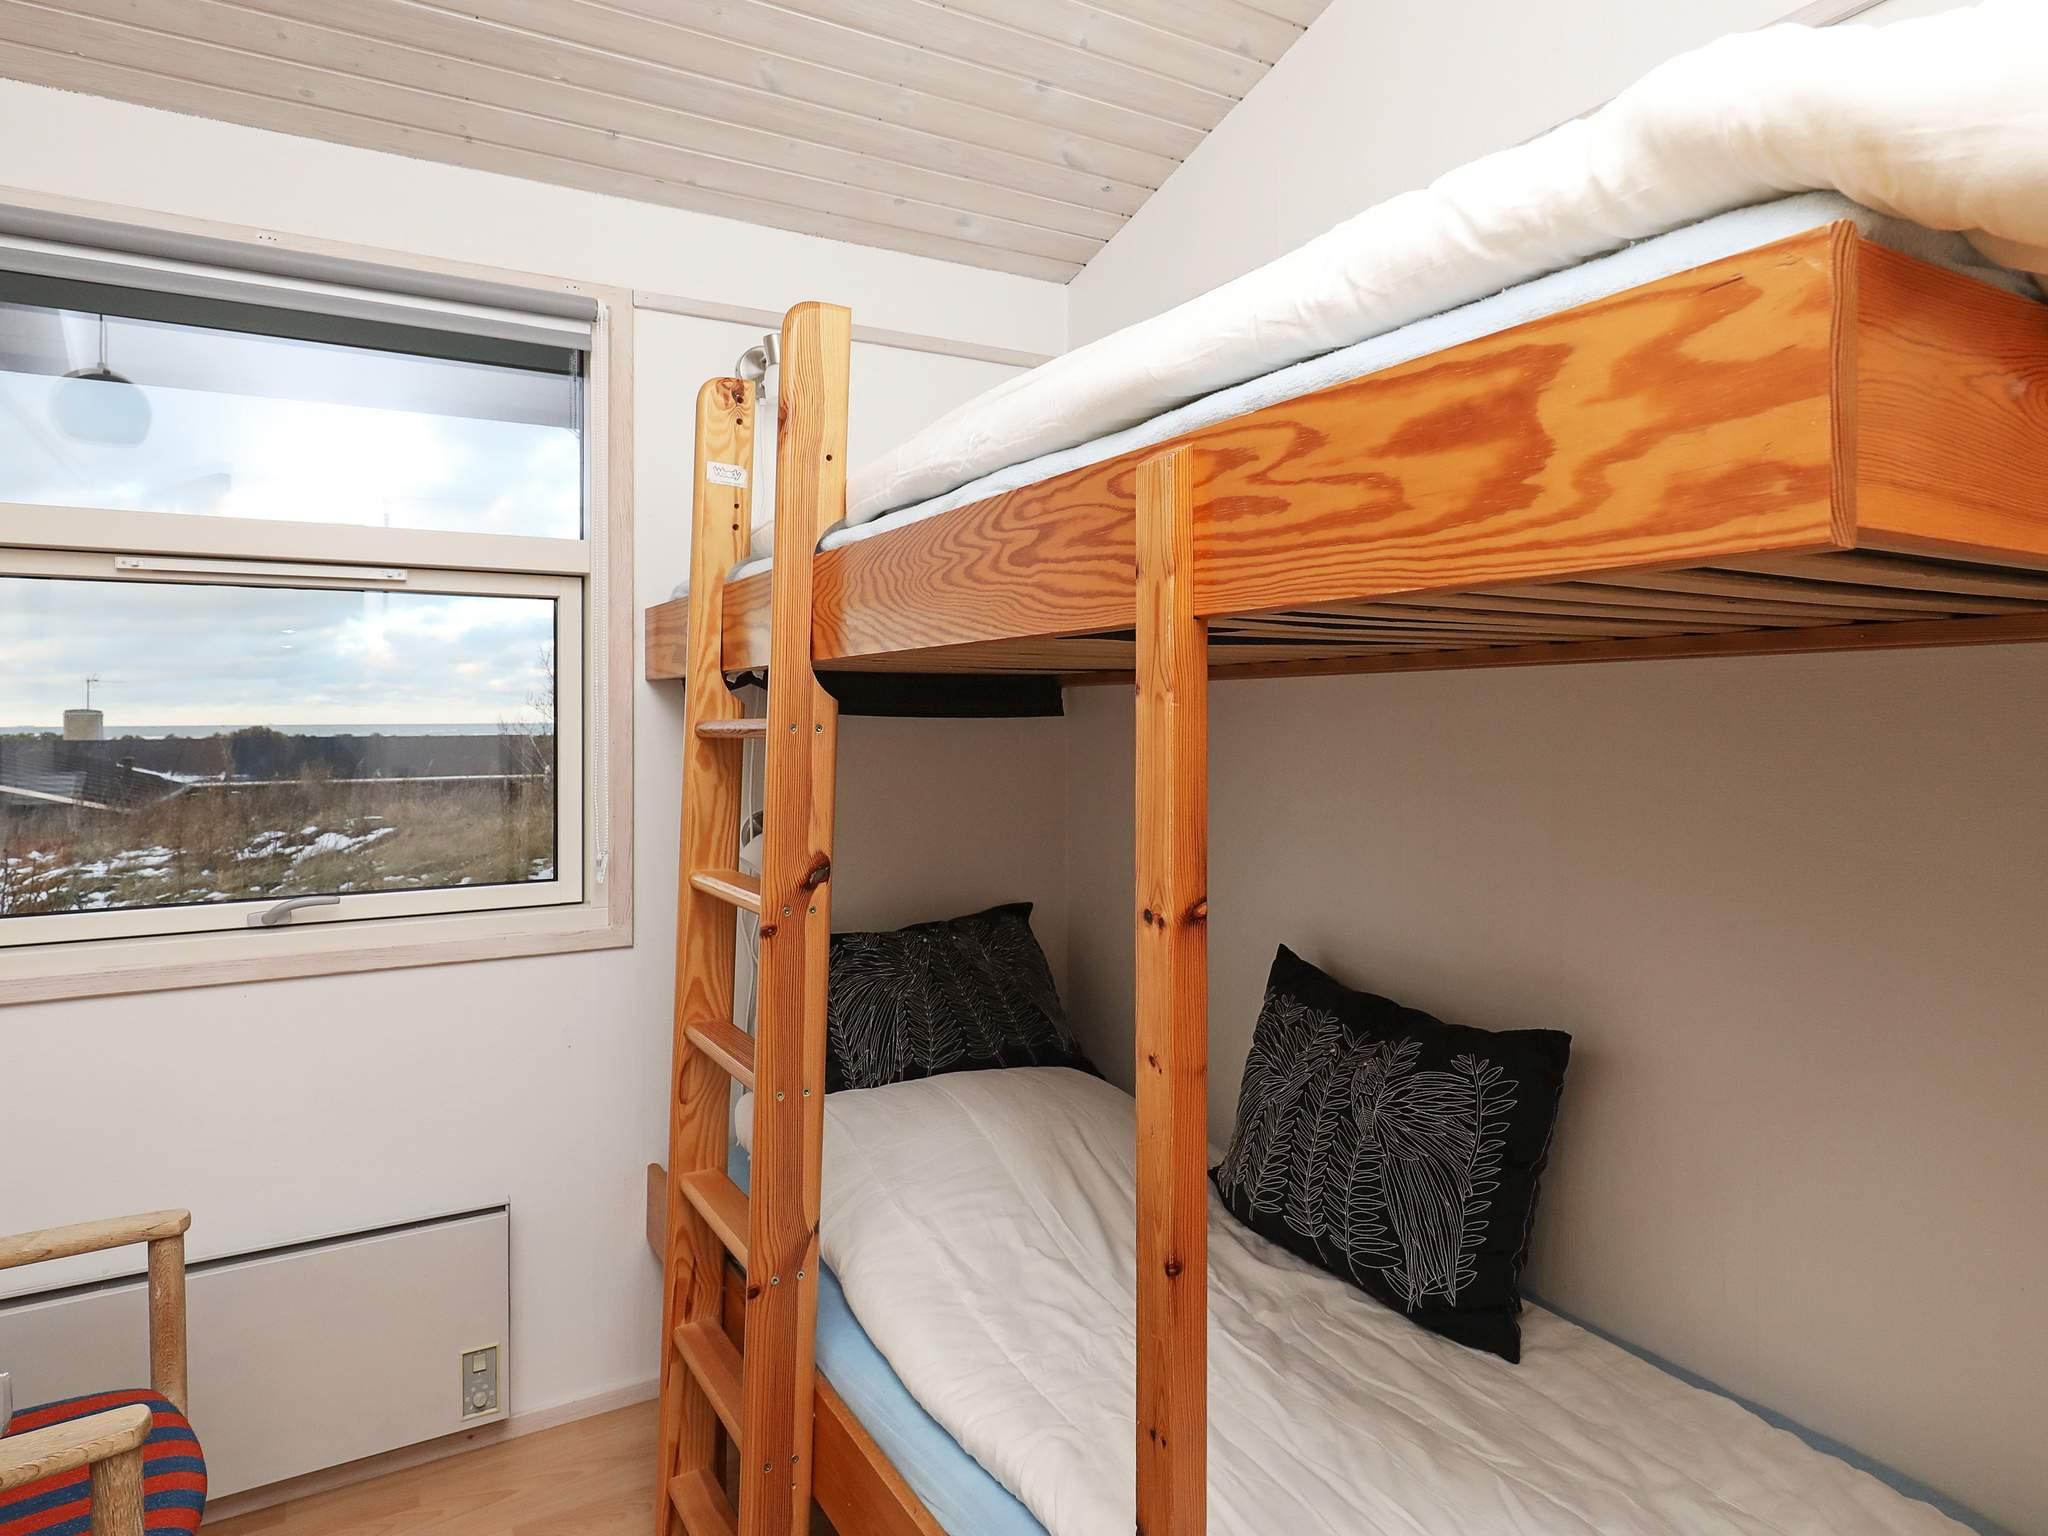 Ferienhaus Kjul Strand (2355118), Hirtshals, , Nordwestjütland, Dänemark, Bild 13